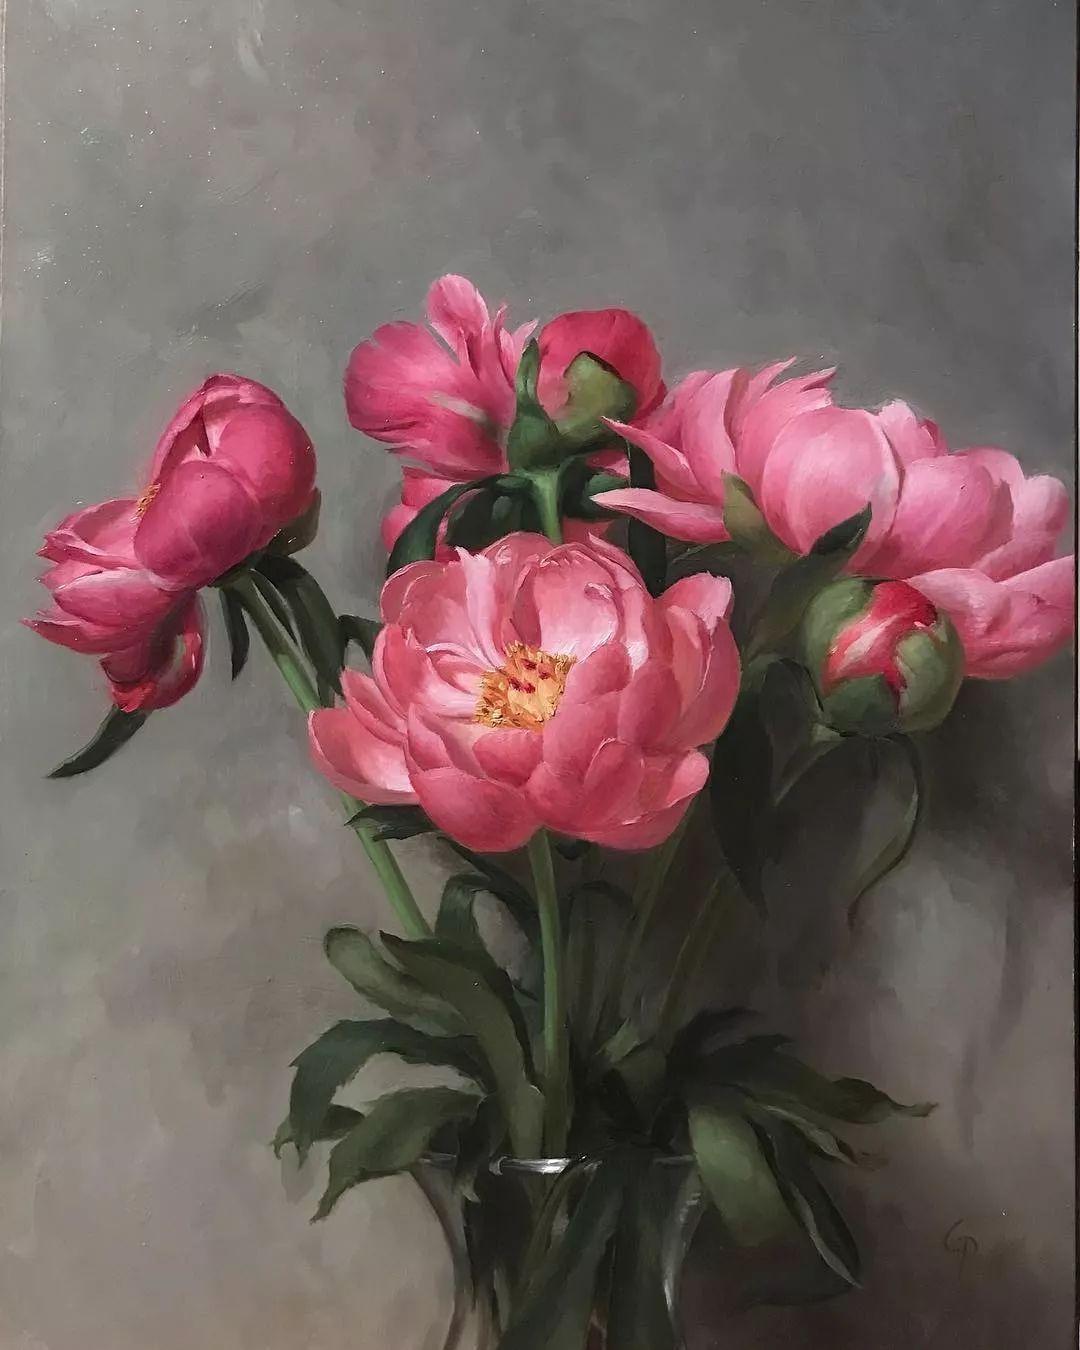 静物花卉 | 美国90后画家Grant Perry作品欣赏插图17